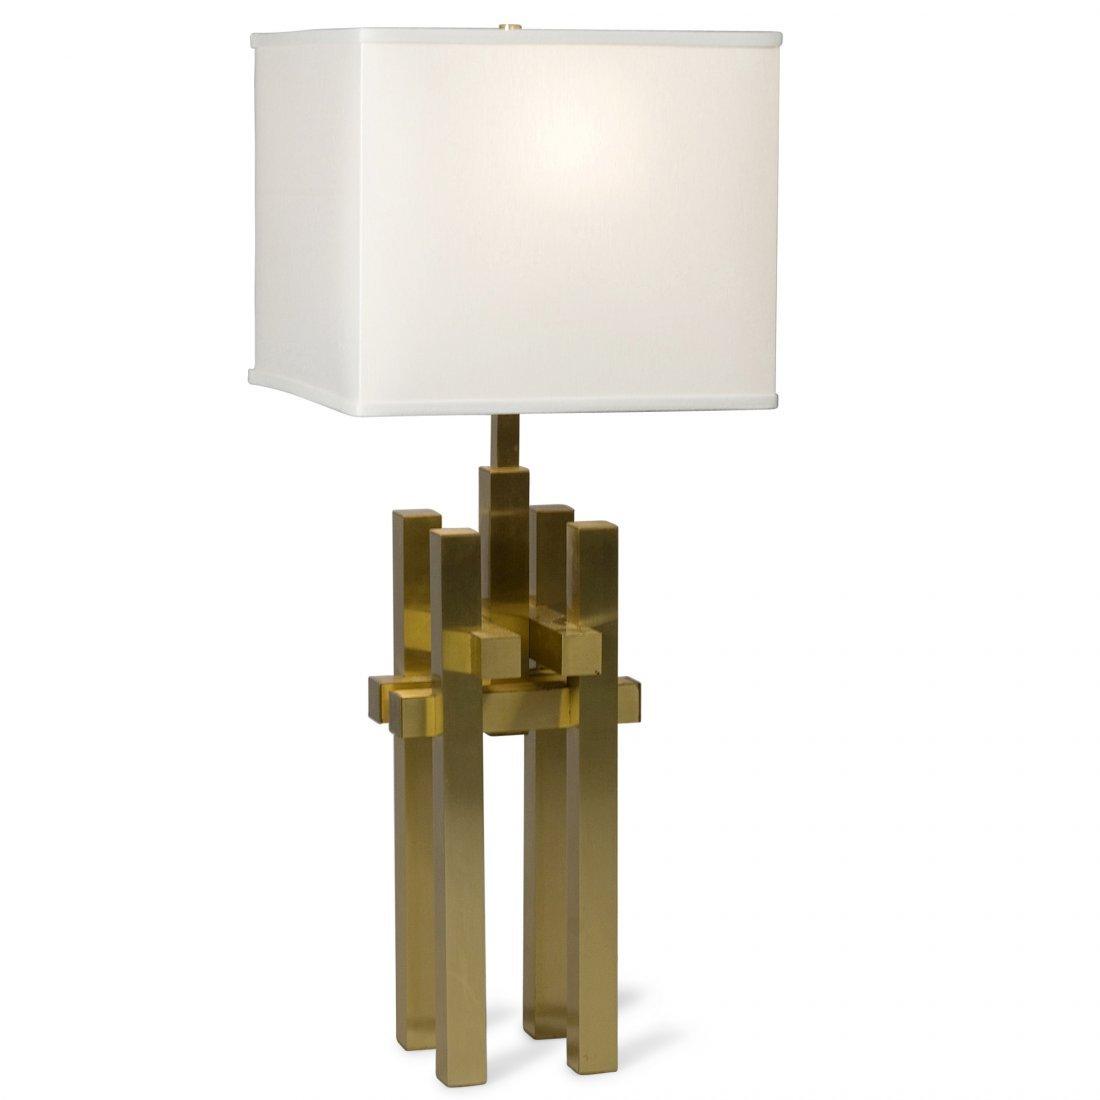 Sciolari Sculptural Table Lamp